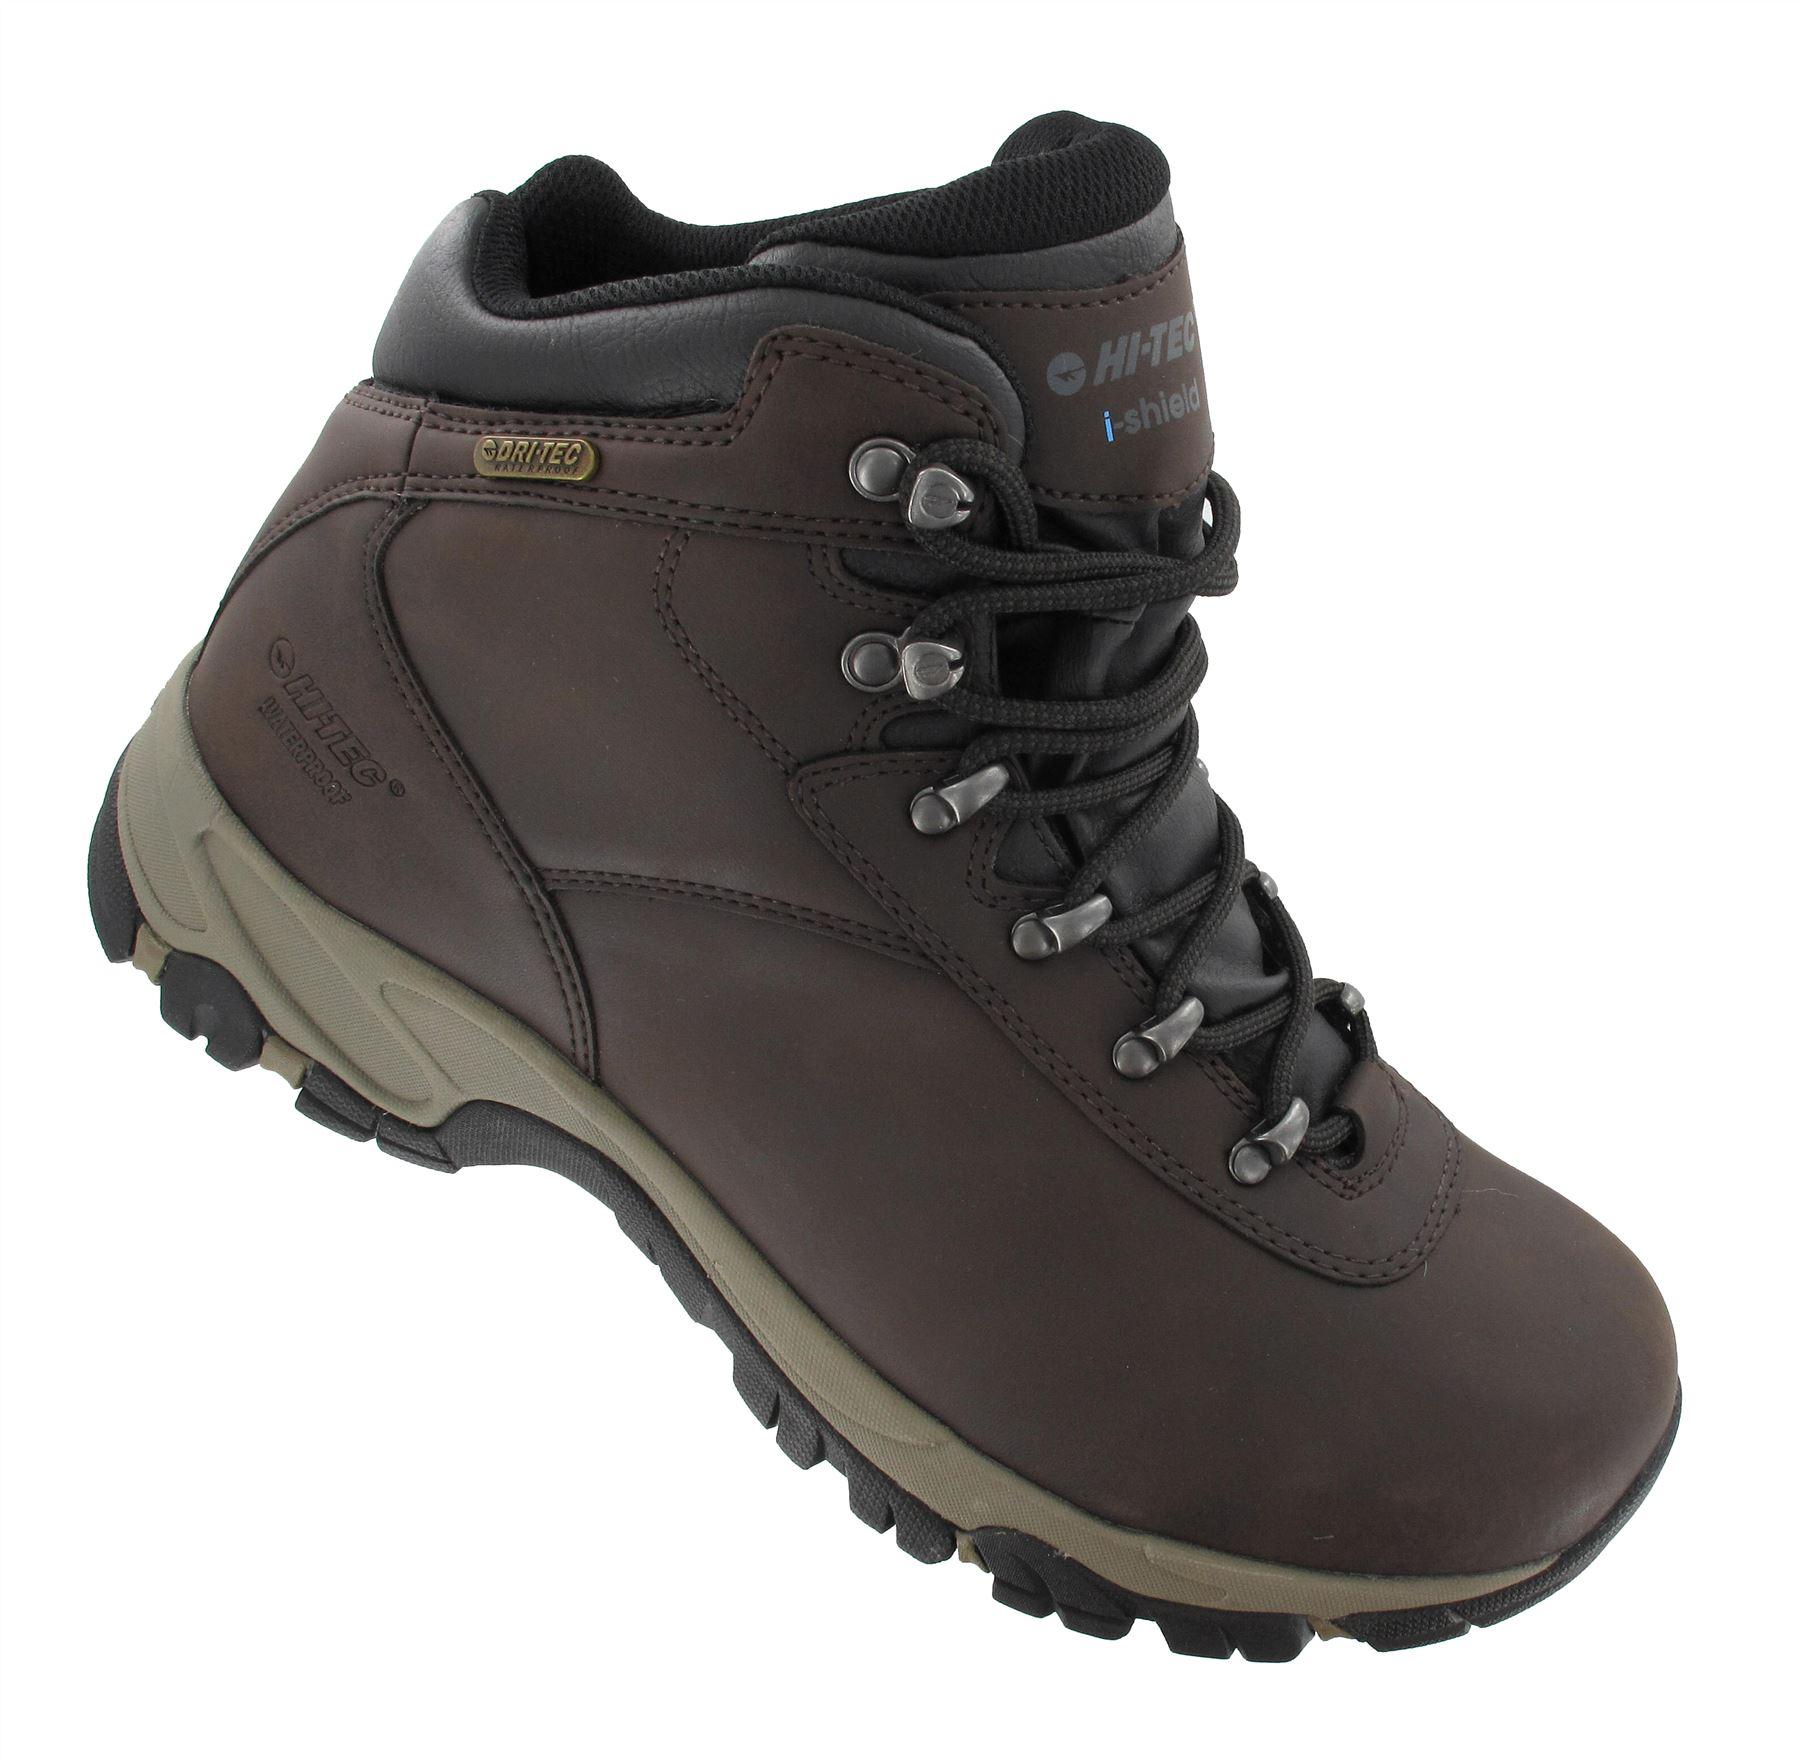 Hi Tec Altitude VI WP Da Marrone Uomo Marrone Da Impermeabili Da Passeggio Escursioni Stivali in Pelle in Pizzo 248a9a